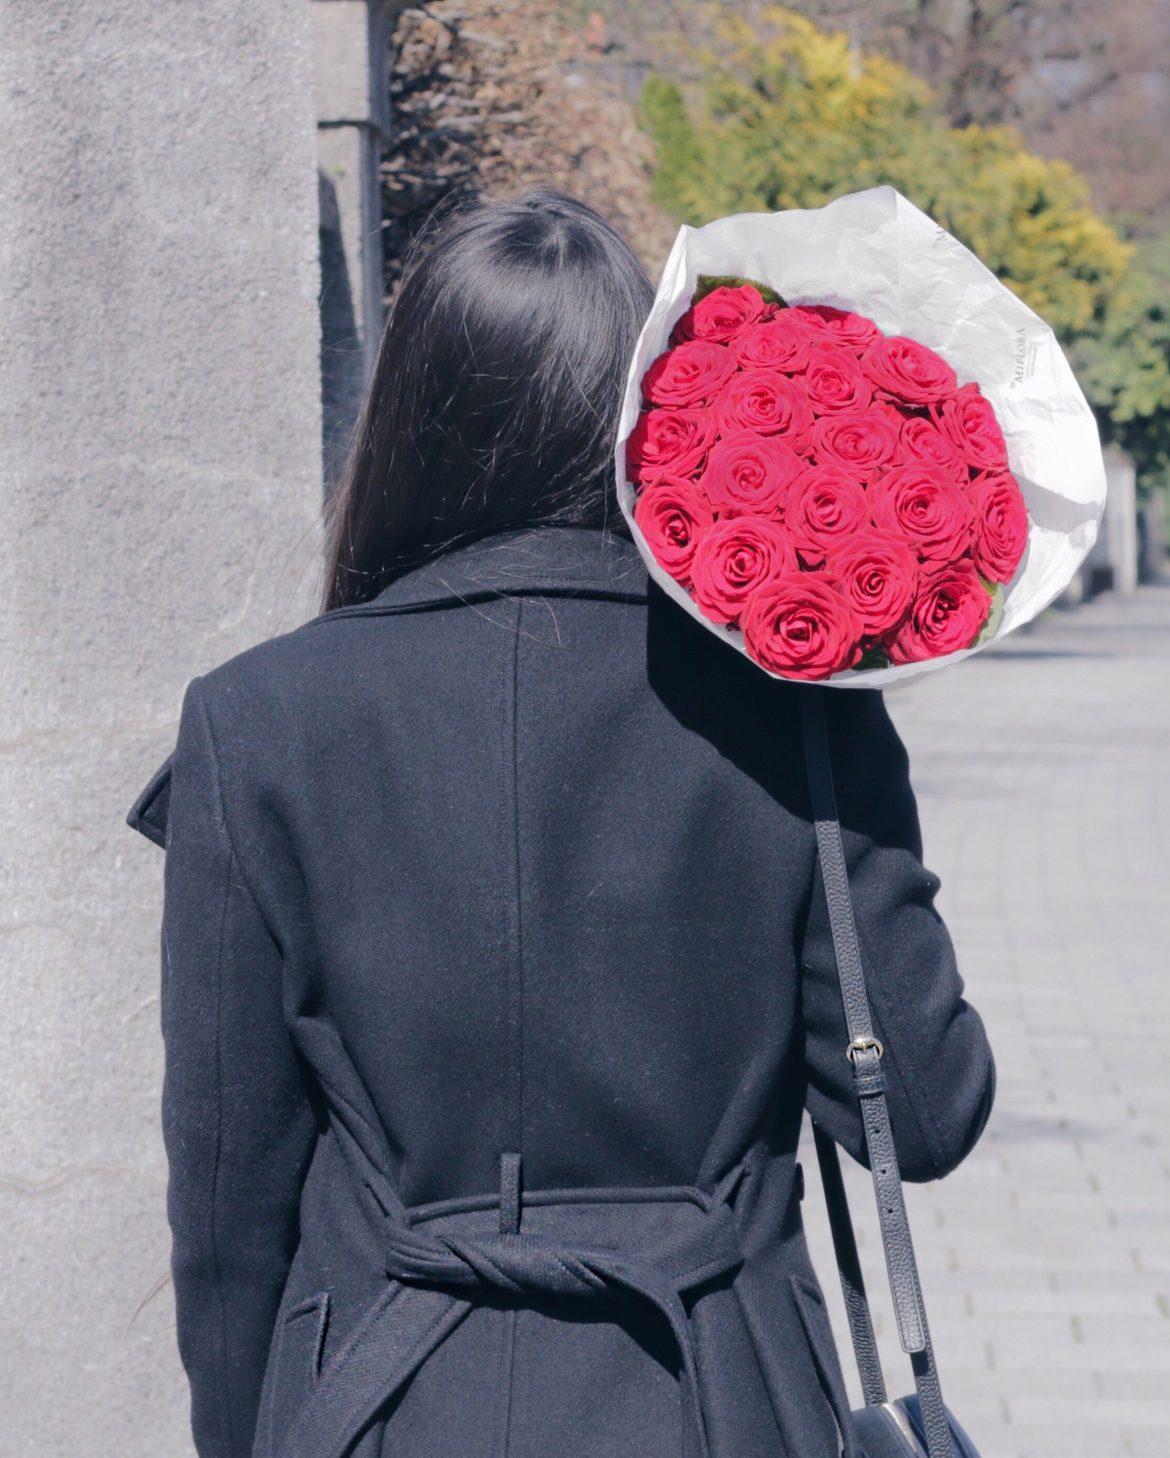 3 Dia das mães - Bouquet de rosas vermelhas - Kezia Happuck